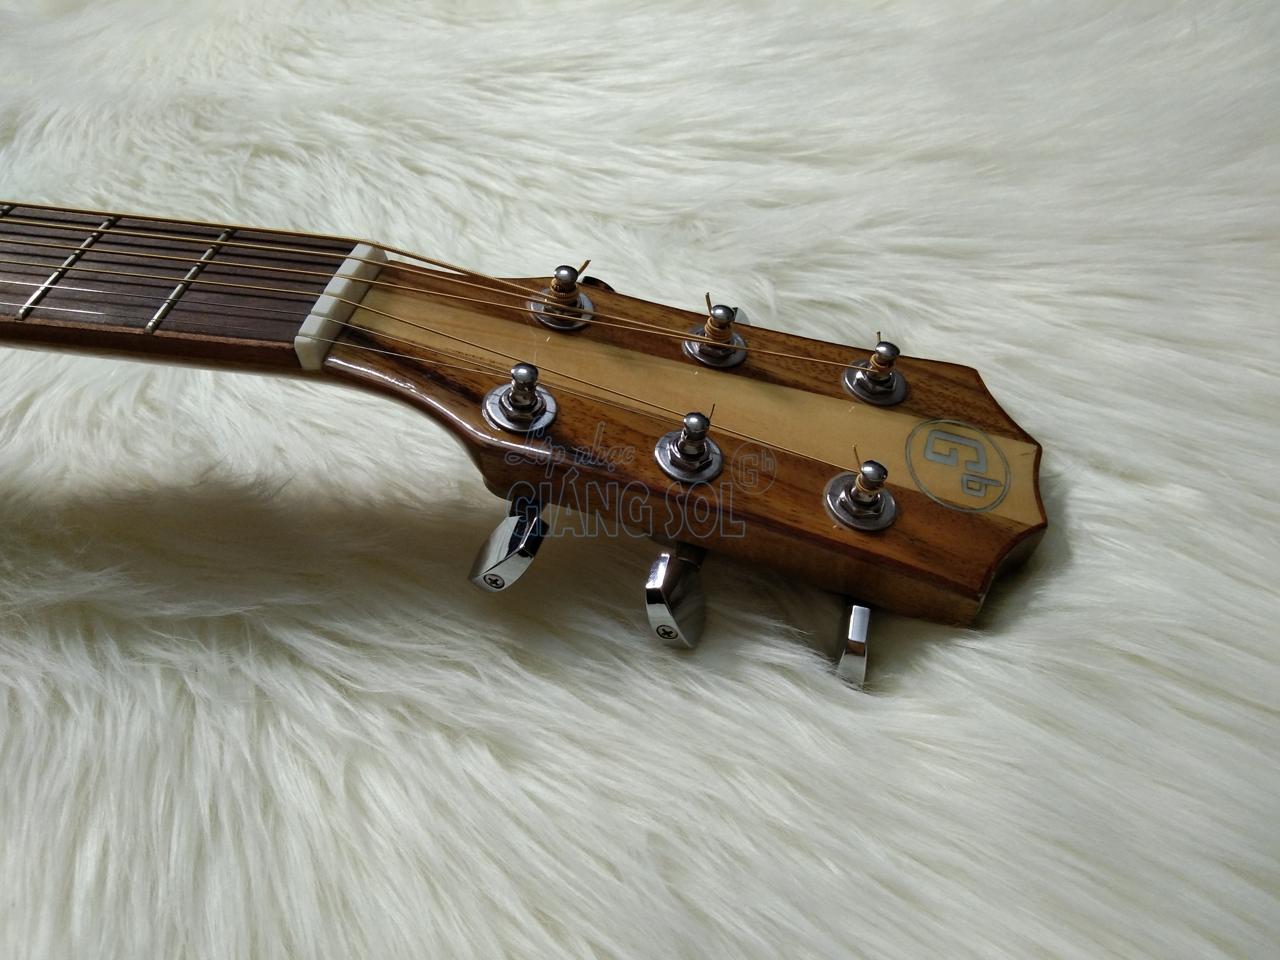 Bán đàn Guitar Acoustic GSA715 || Shop Nhạc Cụ Giáng Sol Quận 12, địa chỉ bán đàn guitar ở quận 12, cơ sở bán đàn guitar giá rẻ, bán đàn guitar quận 12, shop guitar acoustic, shop đàn, bán đàn ukulele quận 12, bán đàn piano quận 12